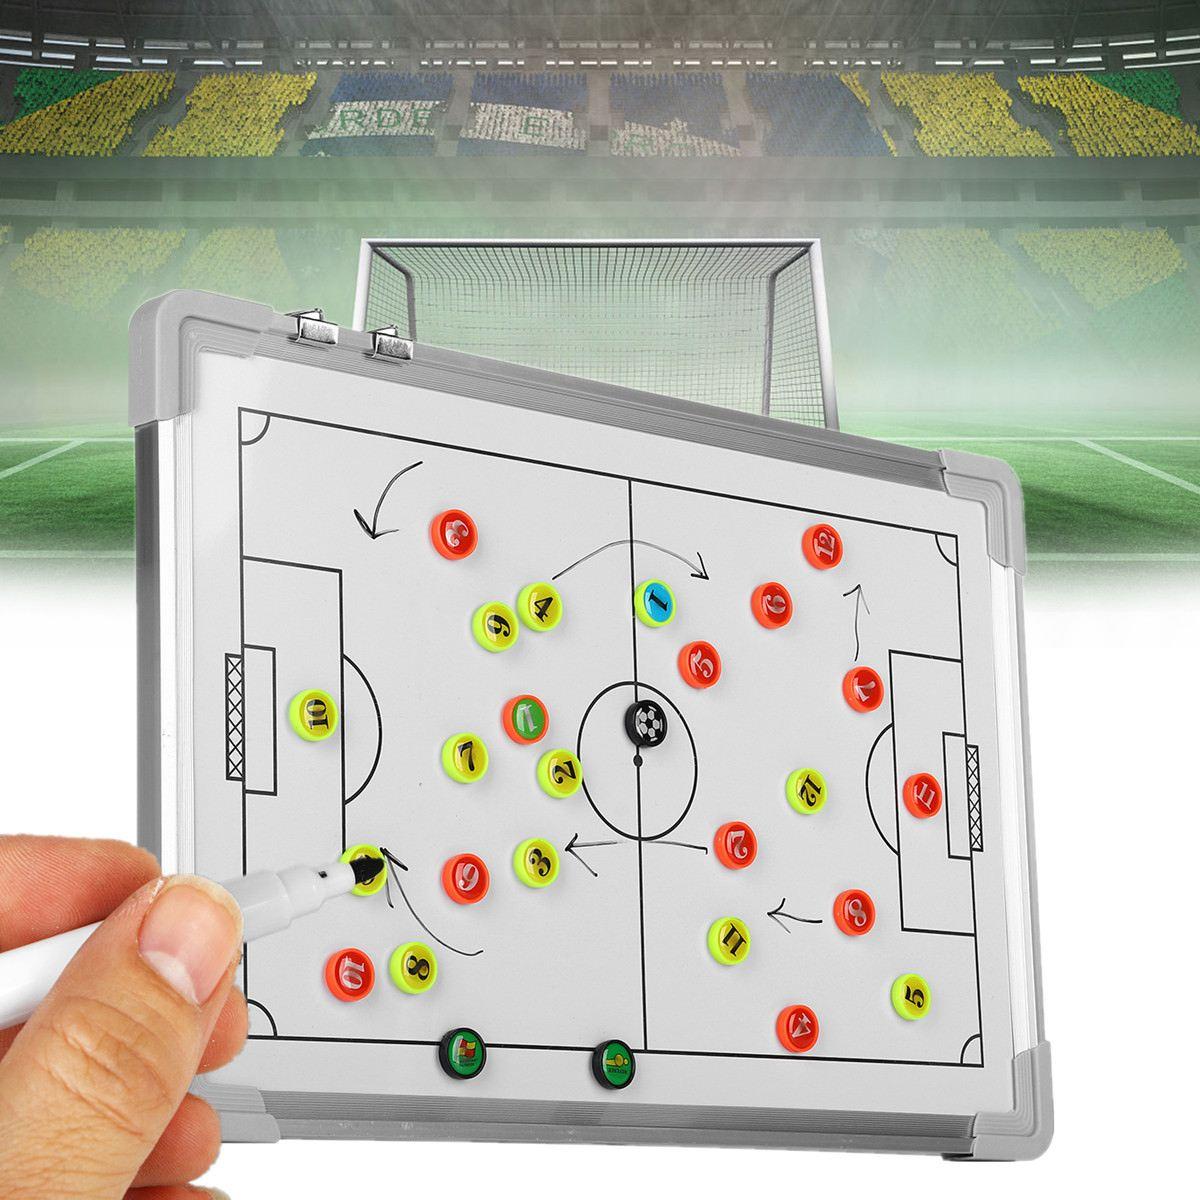 Magnetische Voetbal Tactische Board Training Begeleiding Opknoping Plaat Dubbelzijdige Rubber Hoeken 455x305x18mm Coaching Board Het Hele Systeem Versterken En Versterken